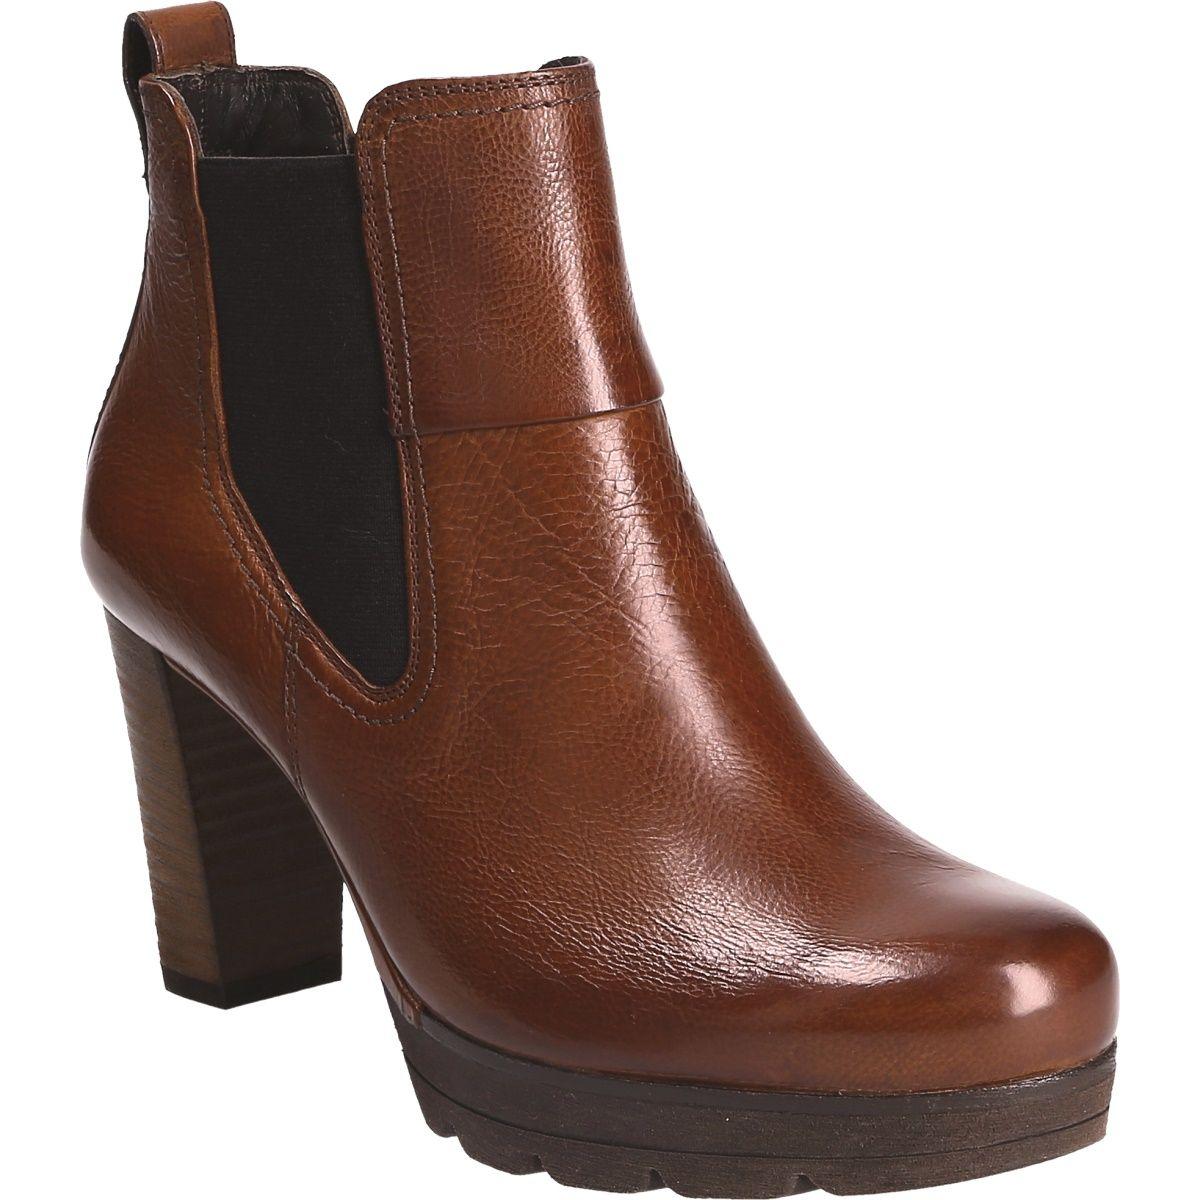 Paul Green 9683 005 Damenschuhe Stiefeletten im Schuhe Lüke